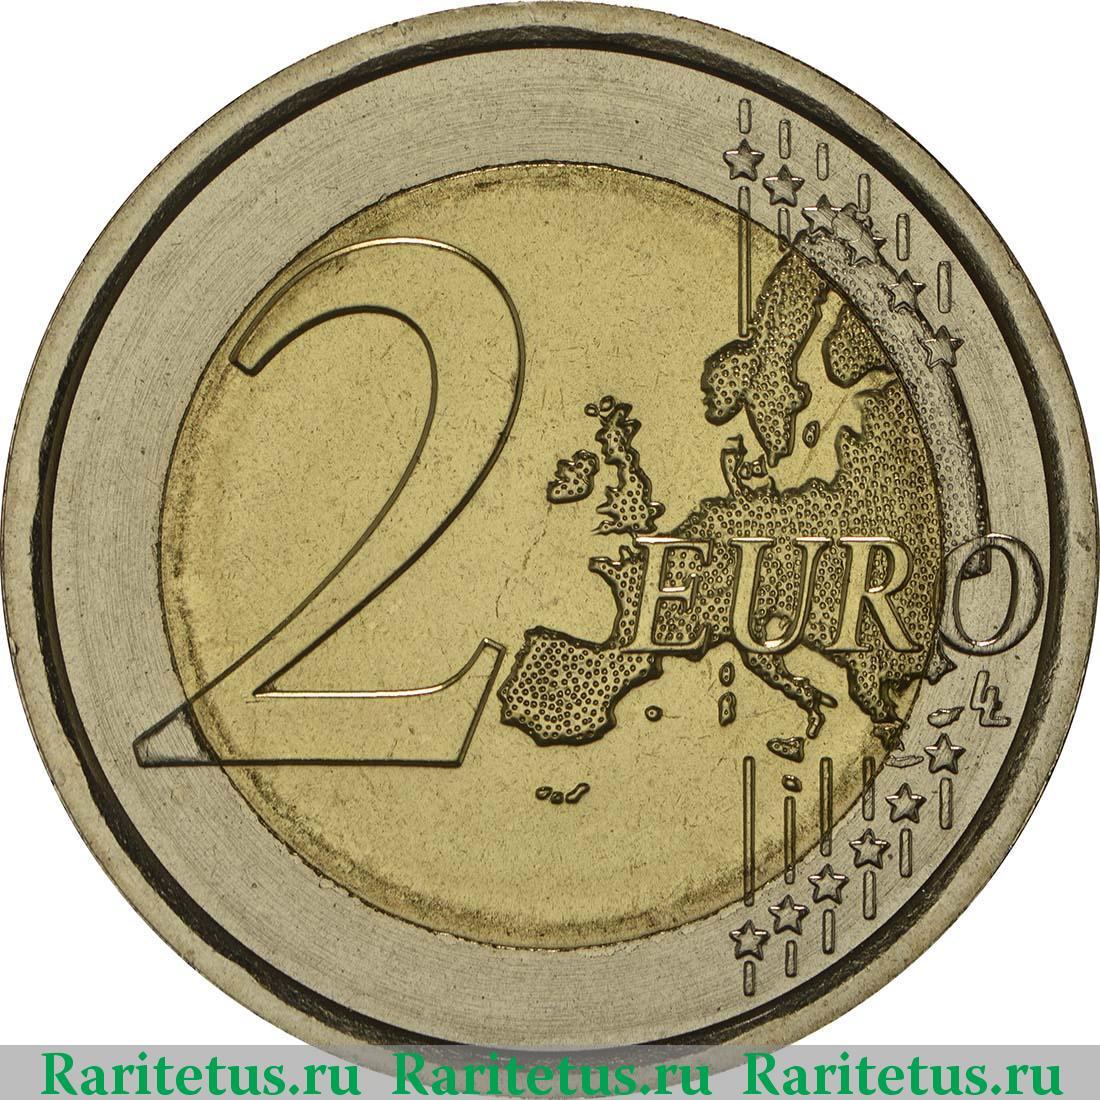 Монета евро 2014 цена натуральный обмен в древности